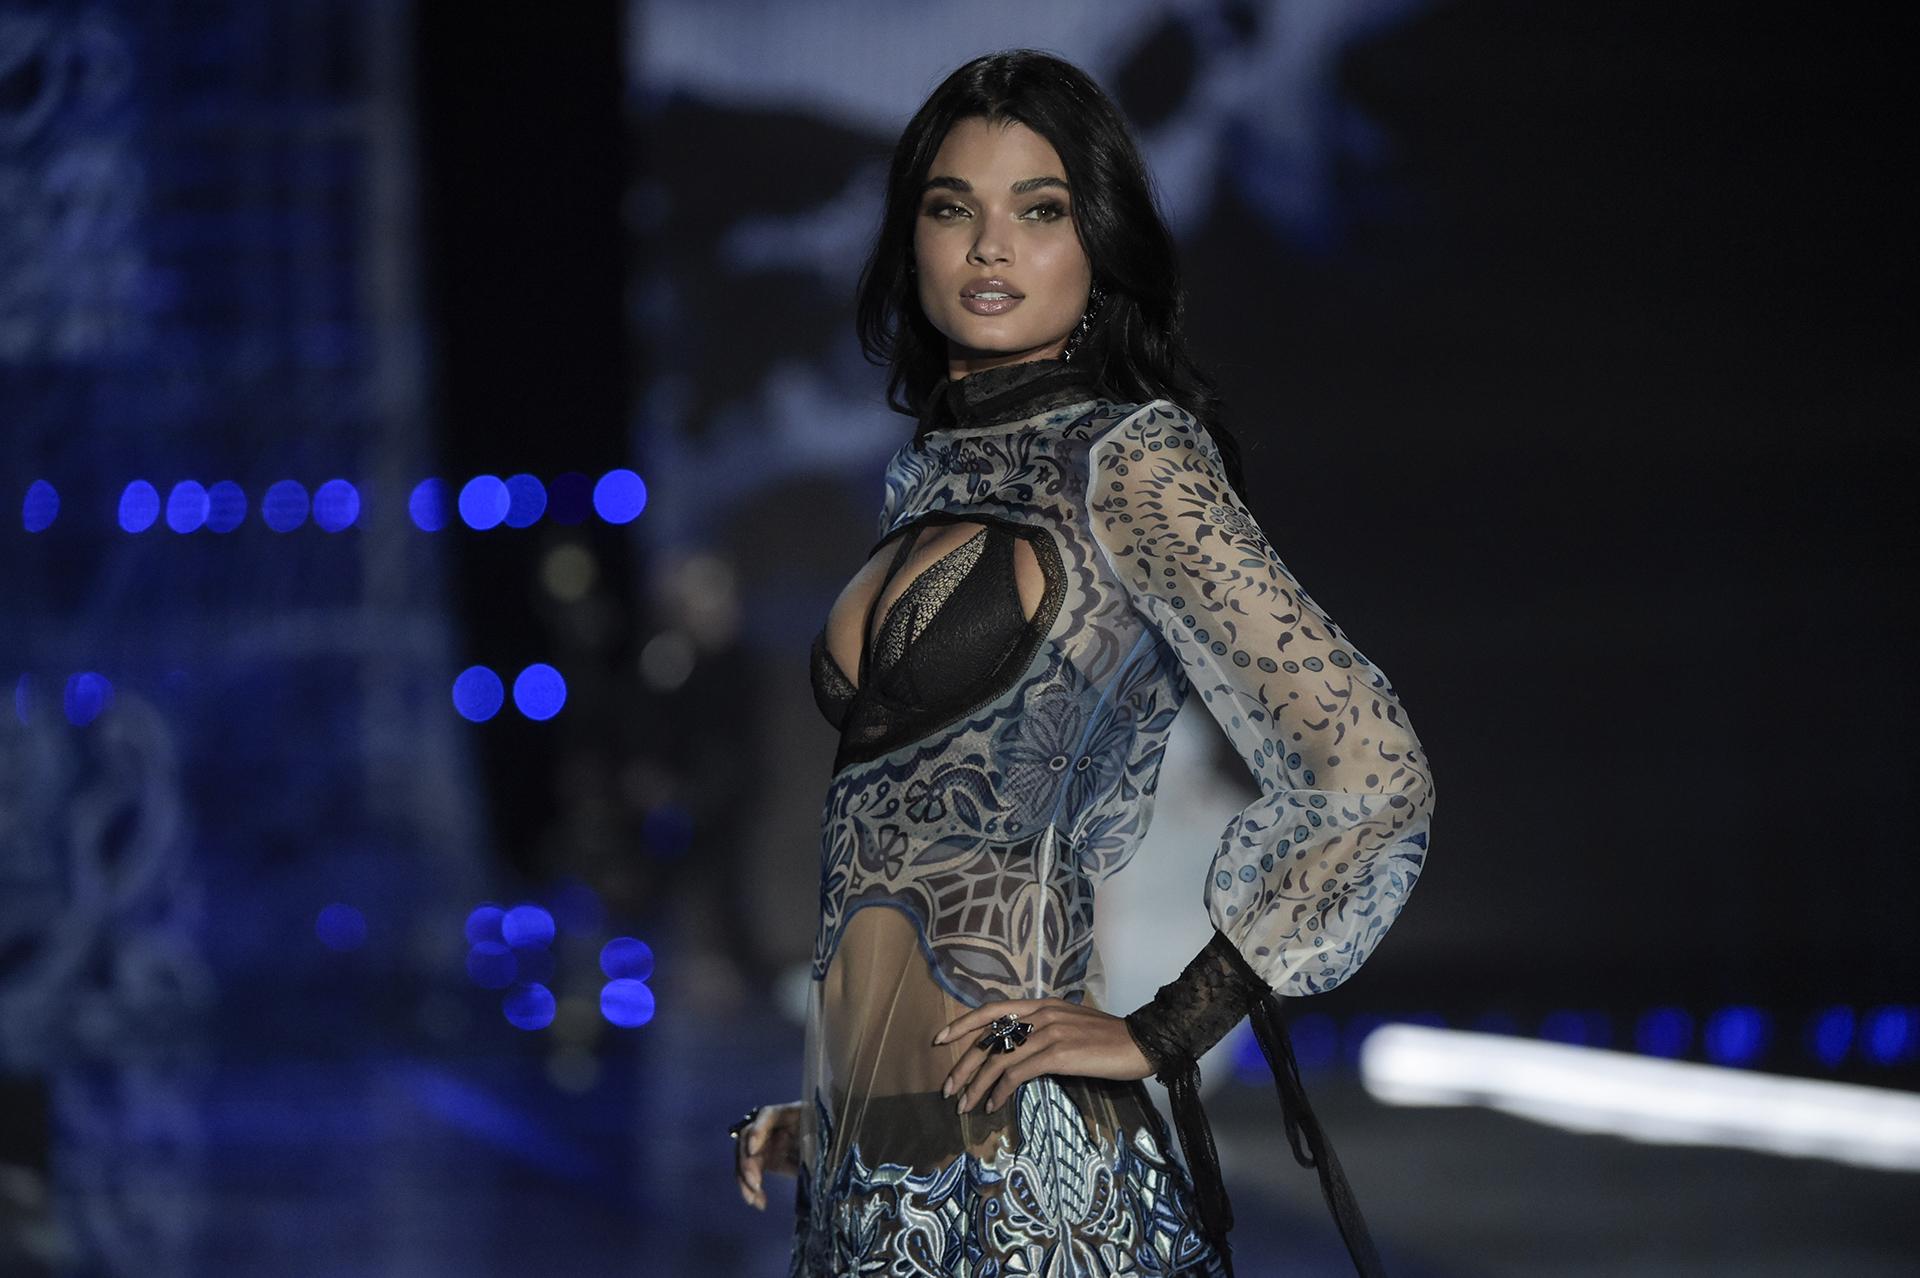 Las modelos latinas también se lucieron en el fashion show: desde Brasil, Daniela Braga, cautivó con su espectacular belleza